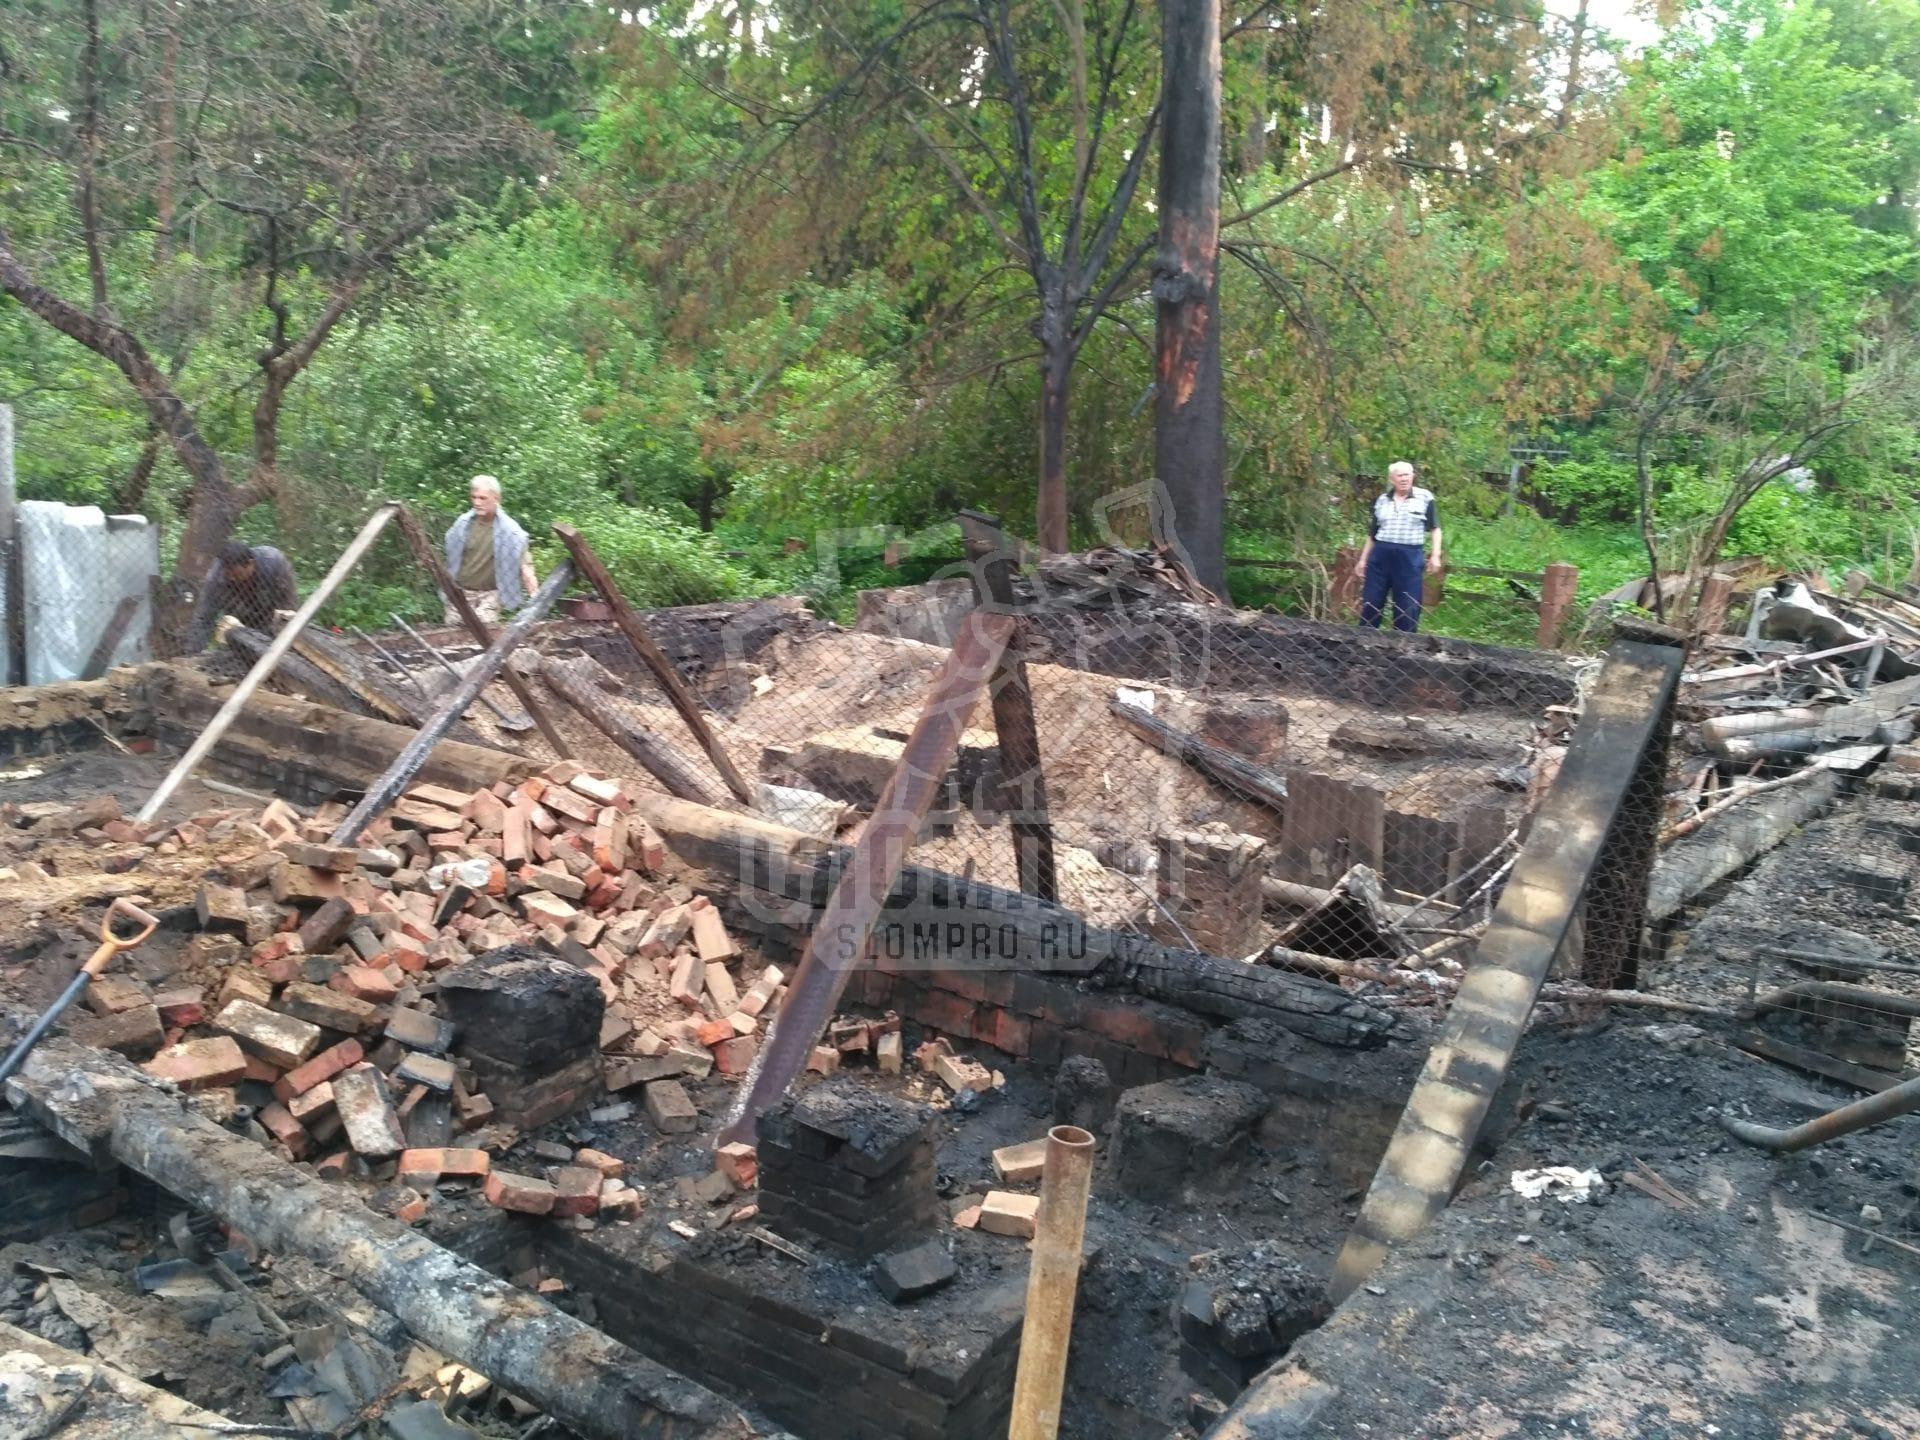 Состояние территории после пожара